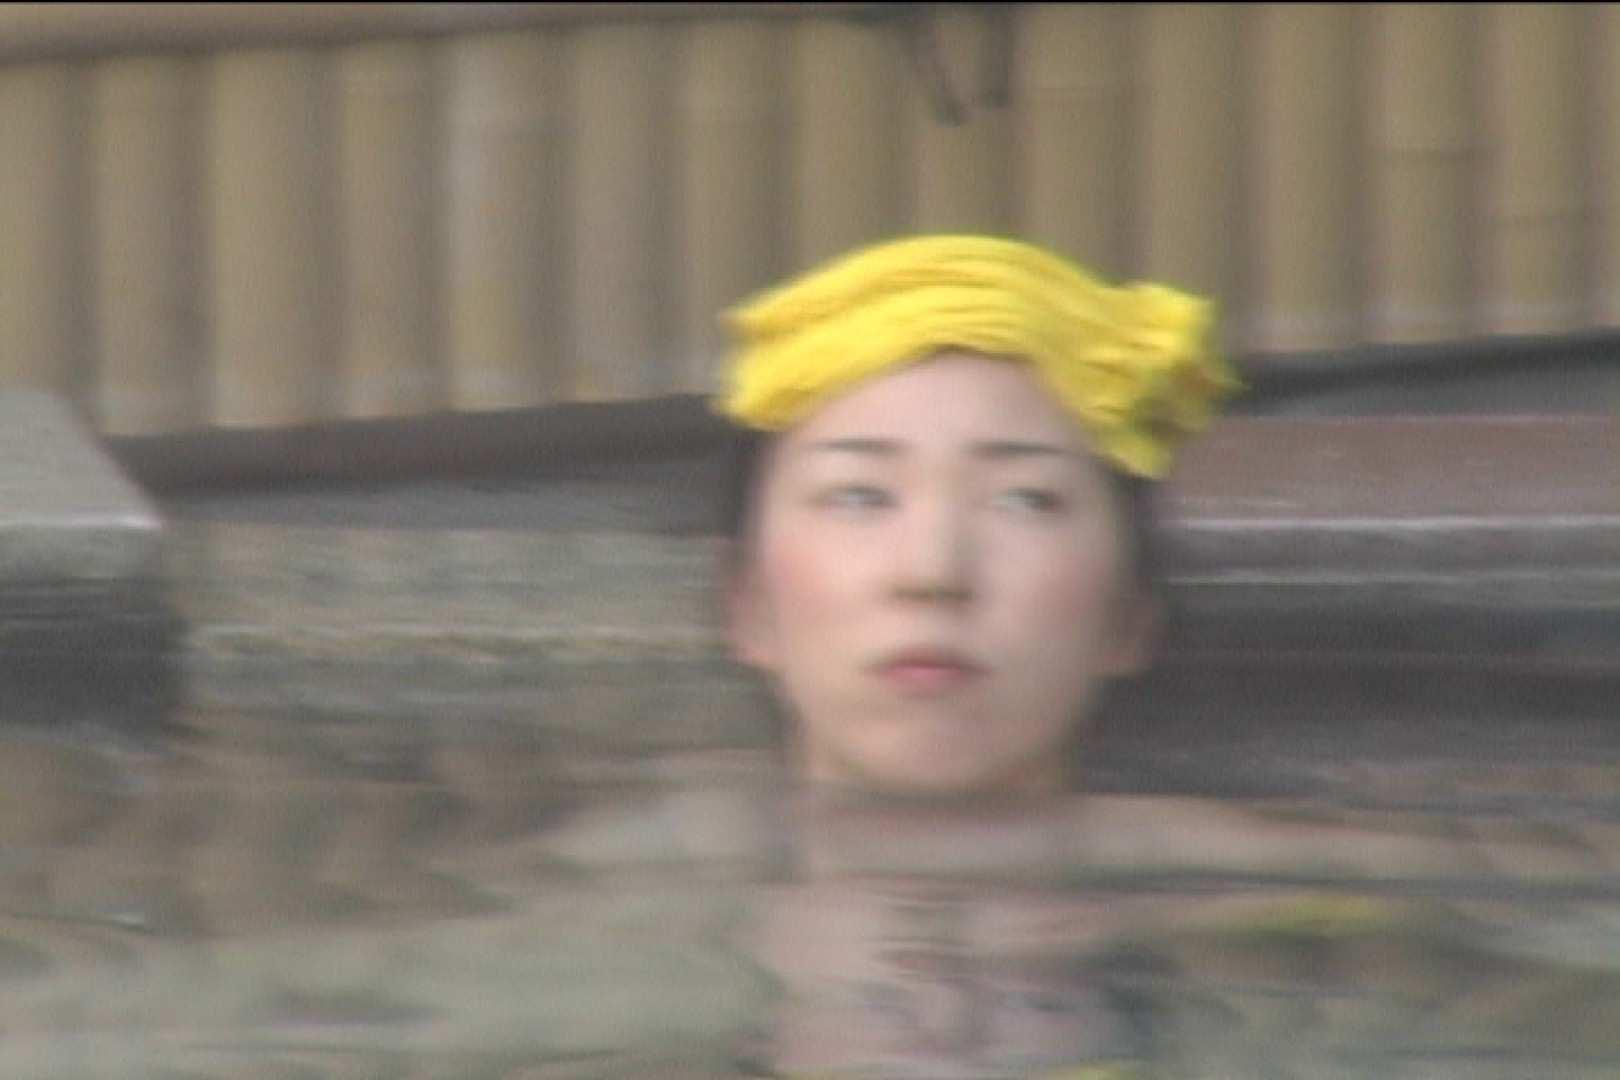 Aquaな露天風呂Vol.529 盗撮 | 露天風呂  42連発 40